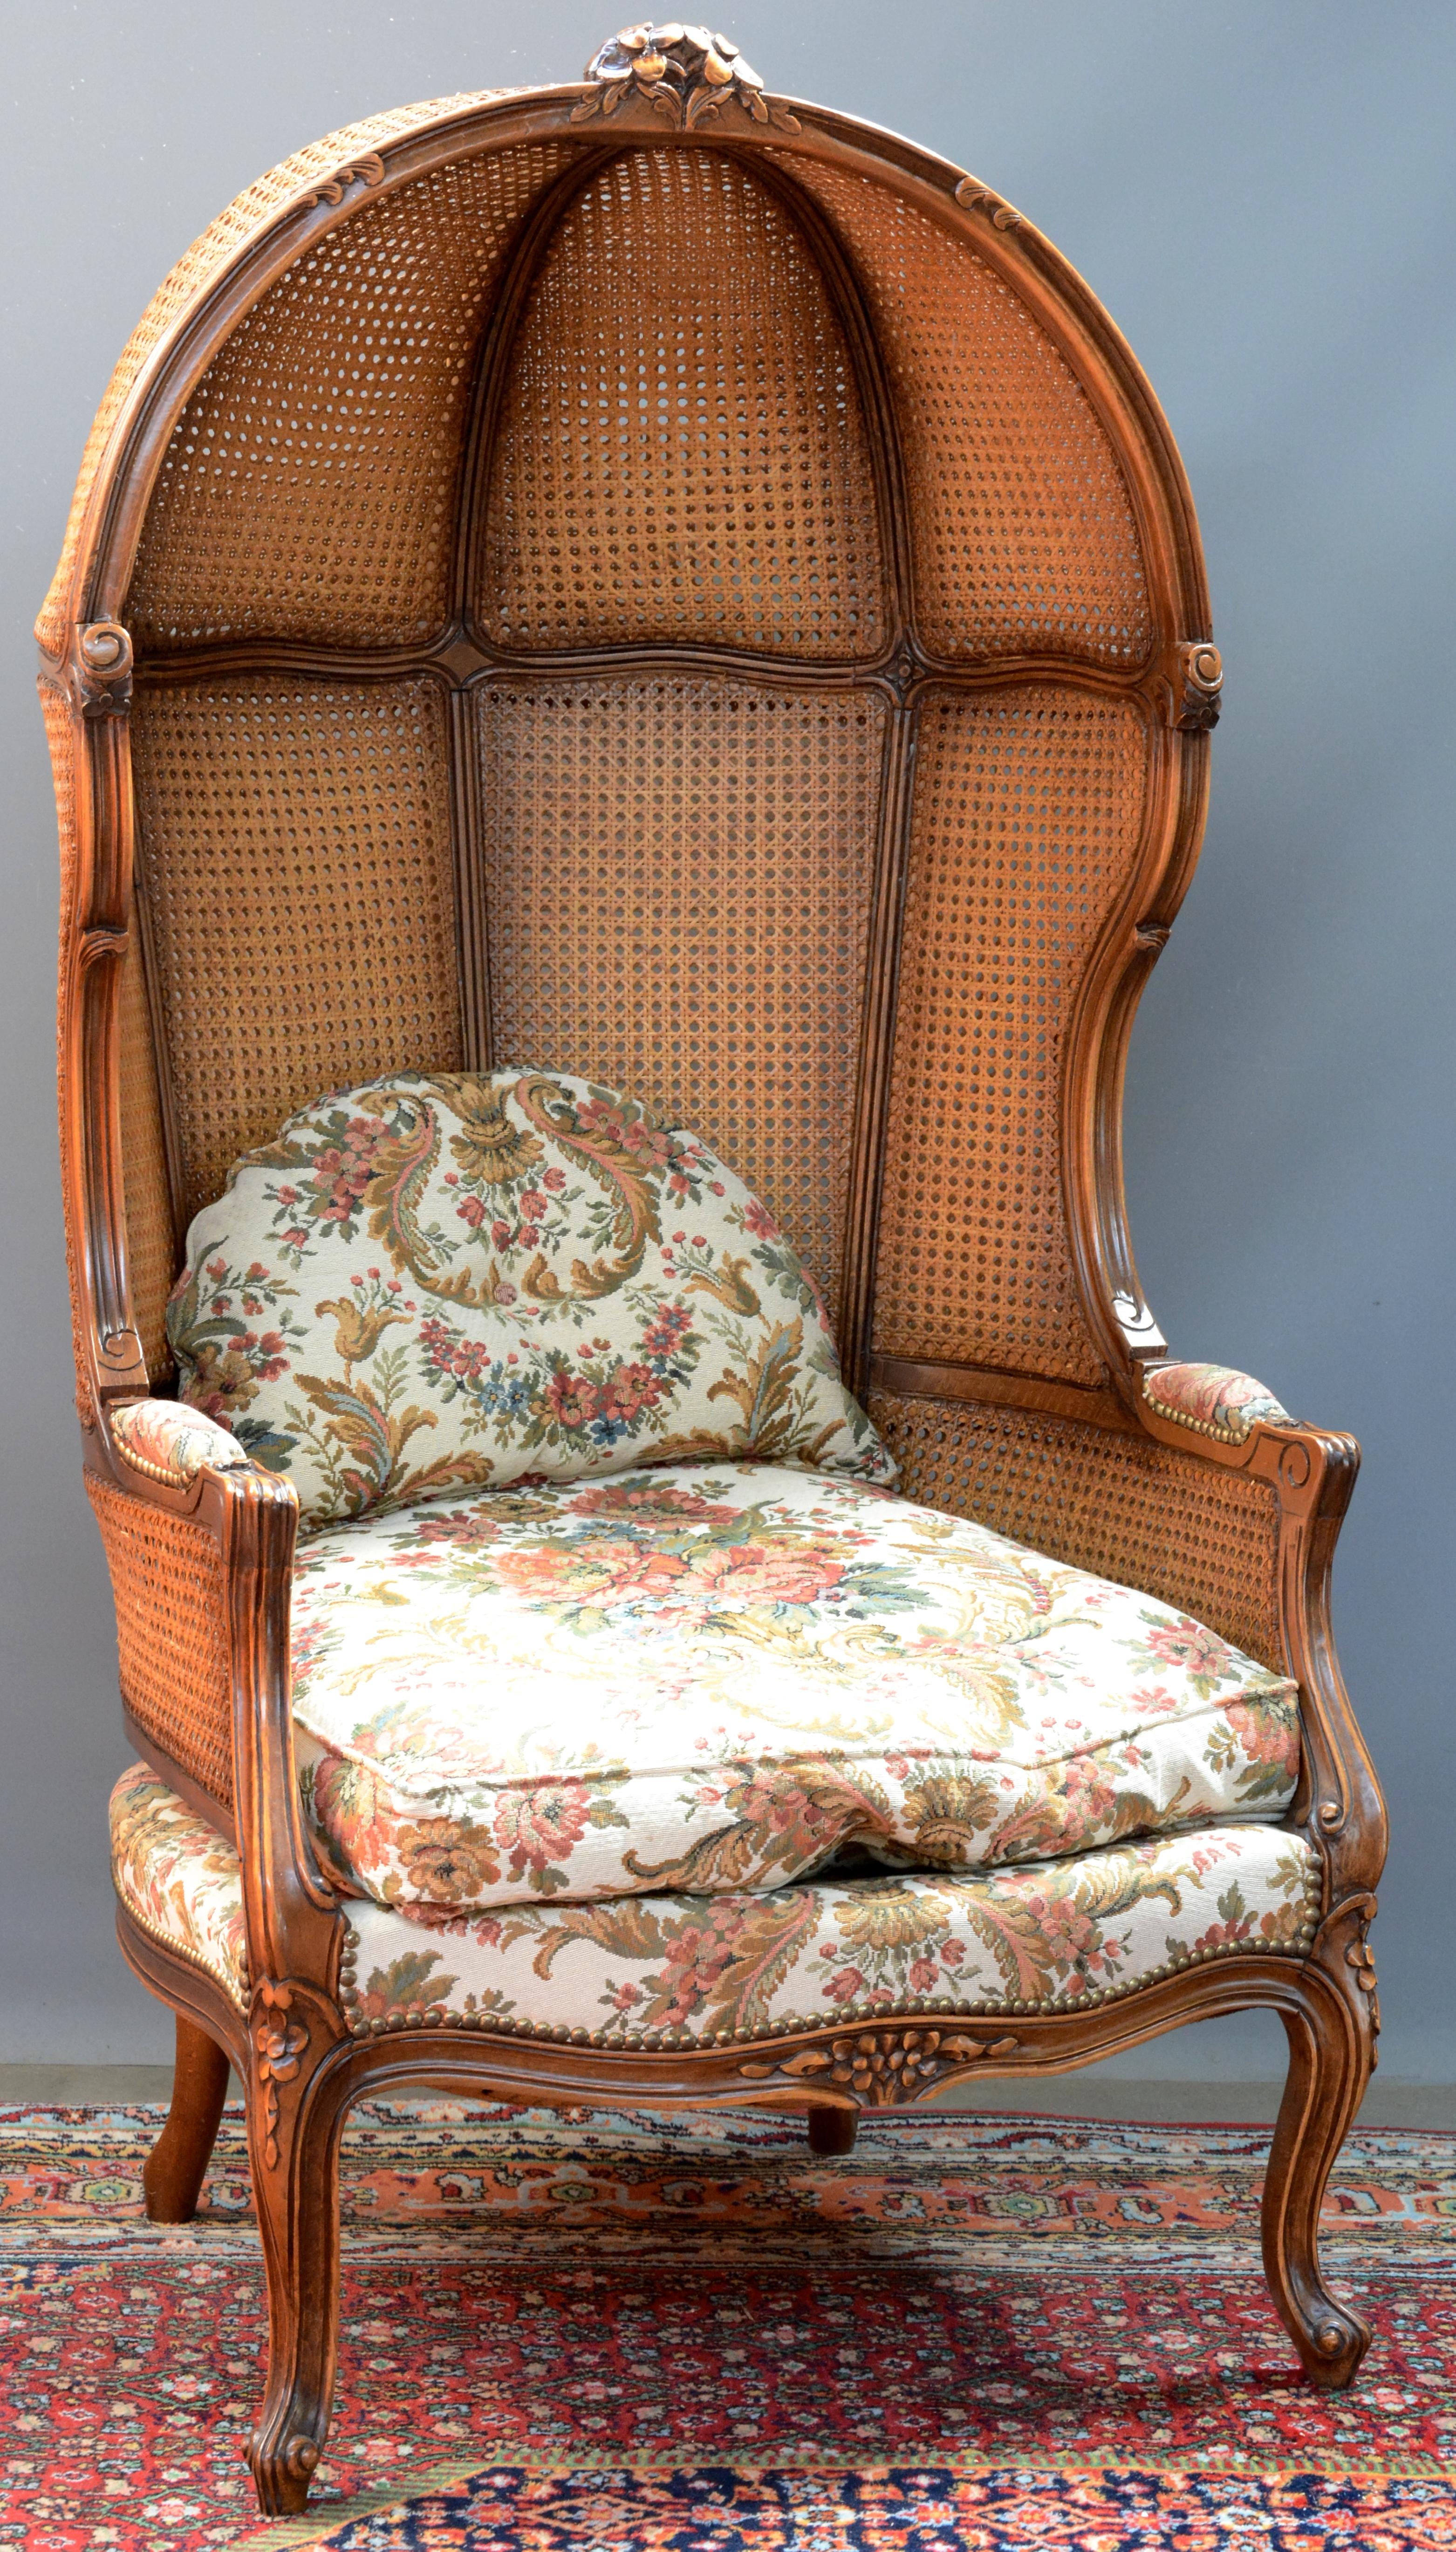 Eikenhouten luifelstoel in lodewijk xv stijl rug en kap van gevlochten riet jordaens n v - Garderobe stijl van lodewijk xv ...